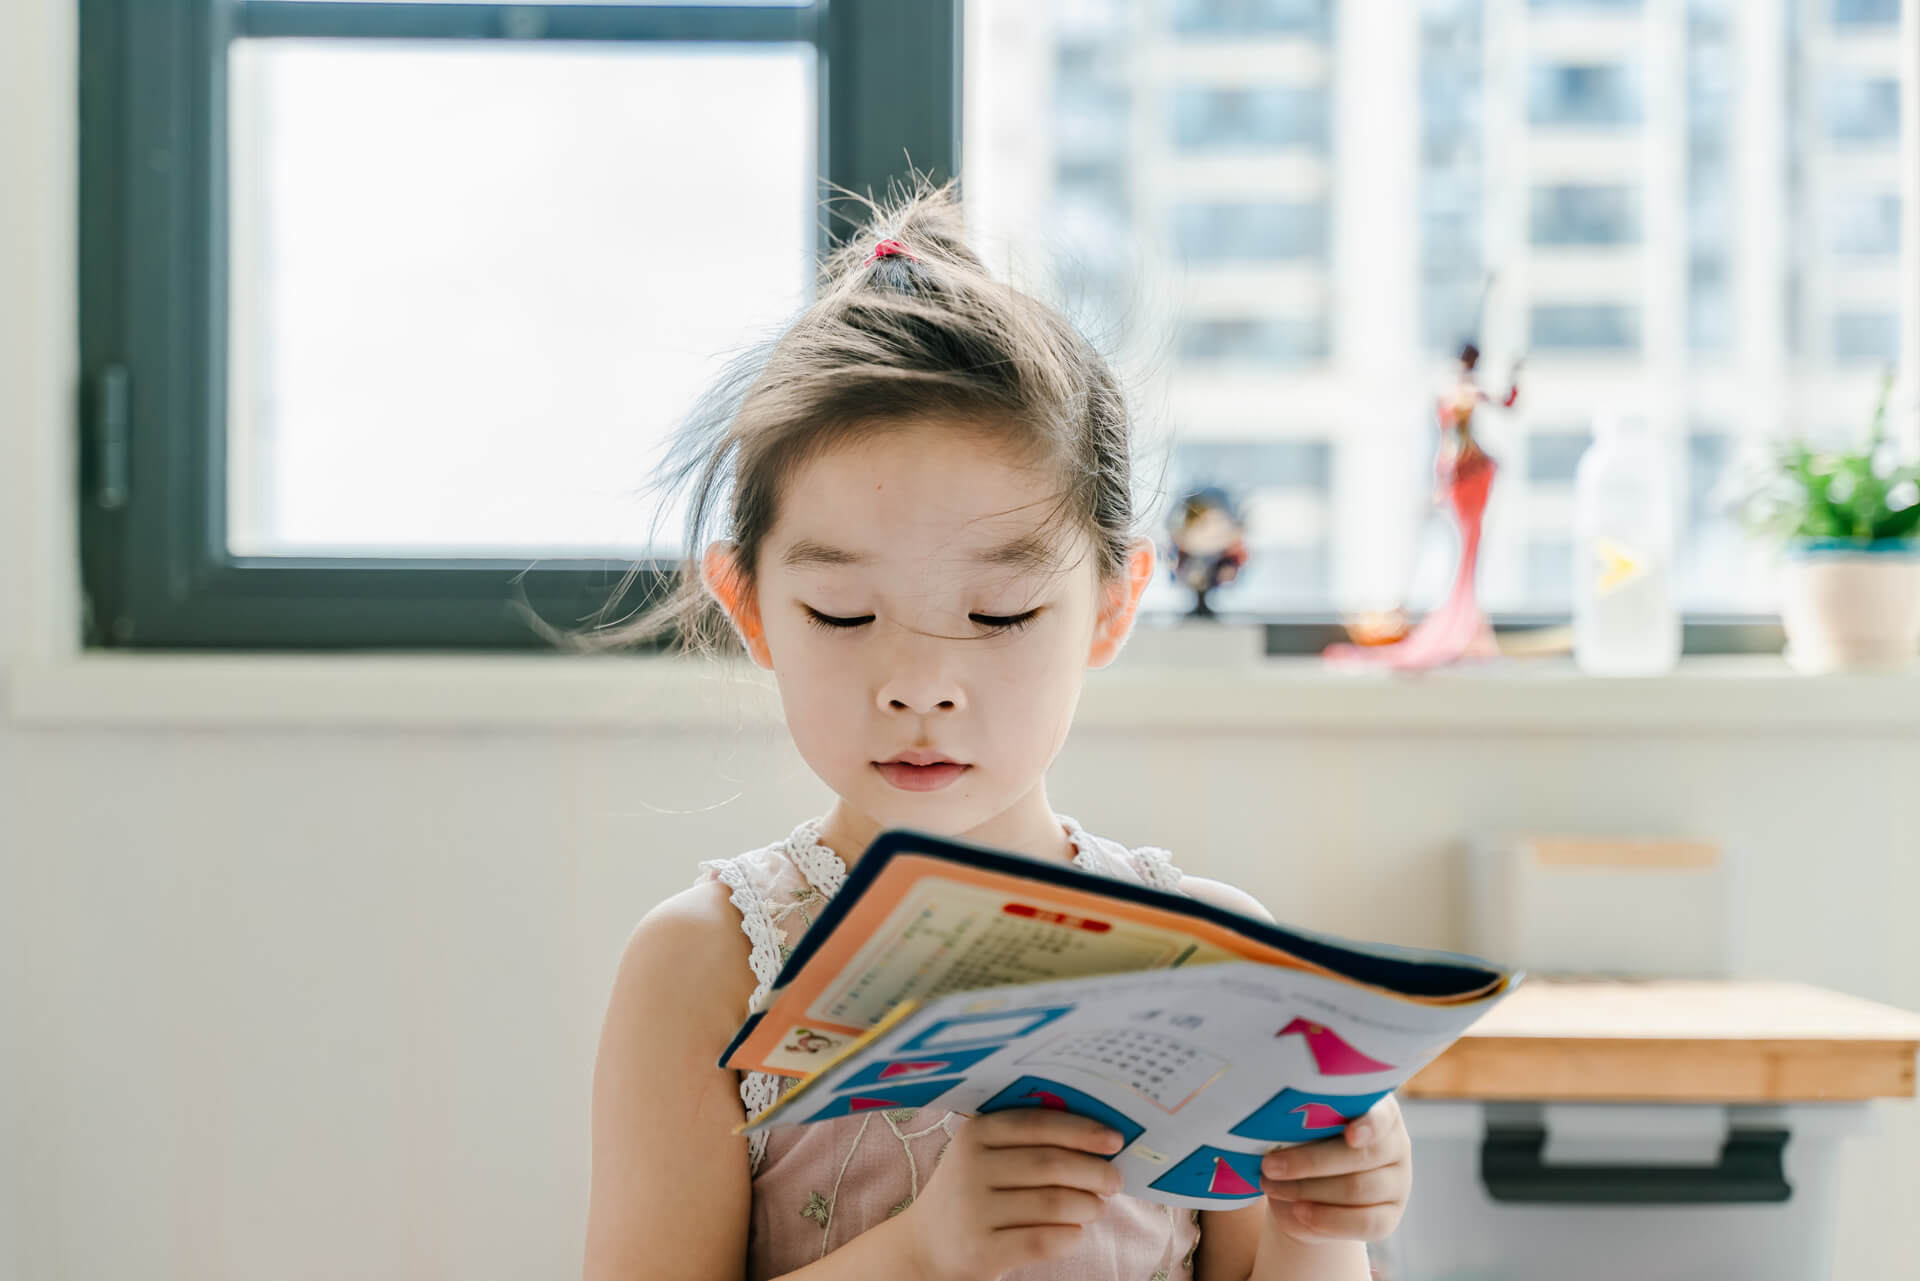 Elige los libros adecuados a su edad